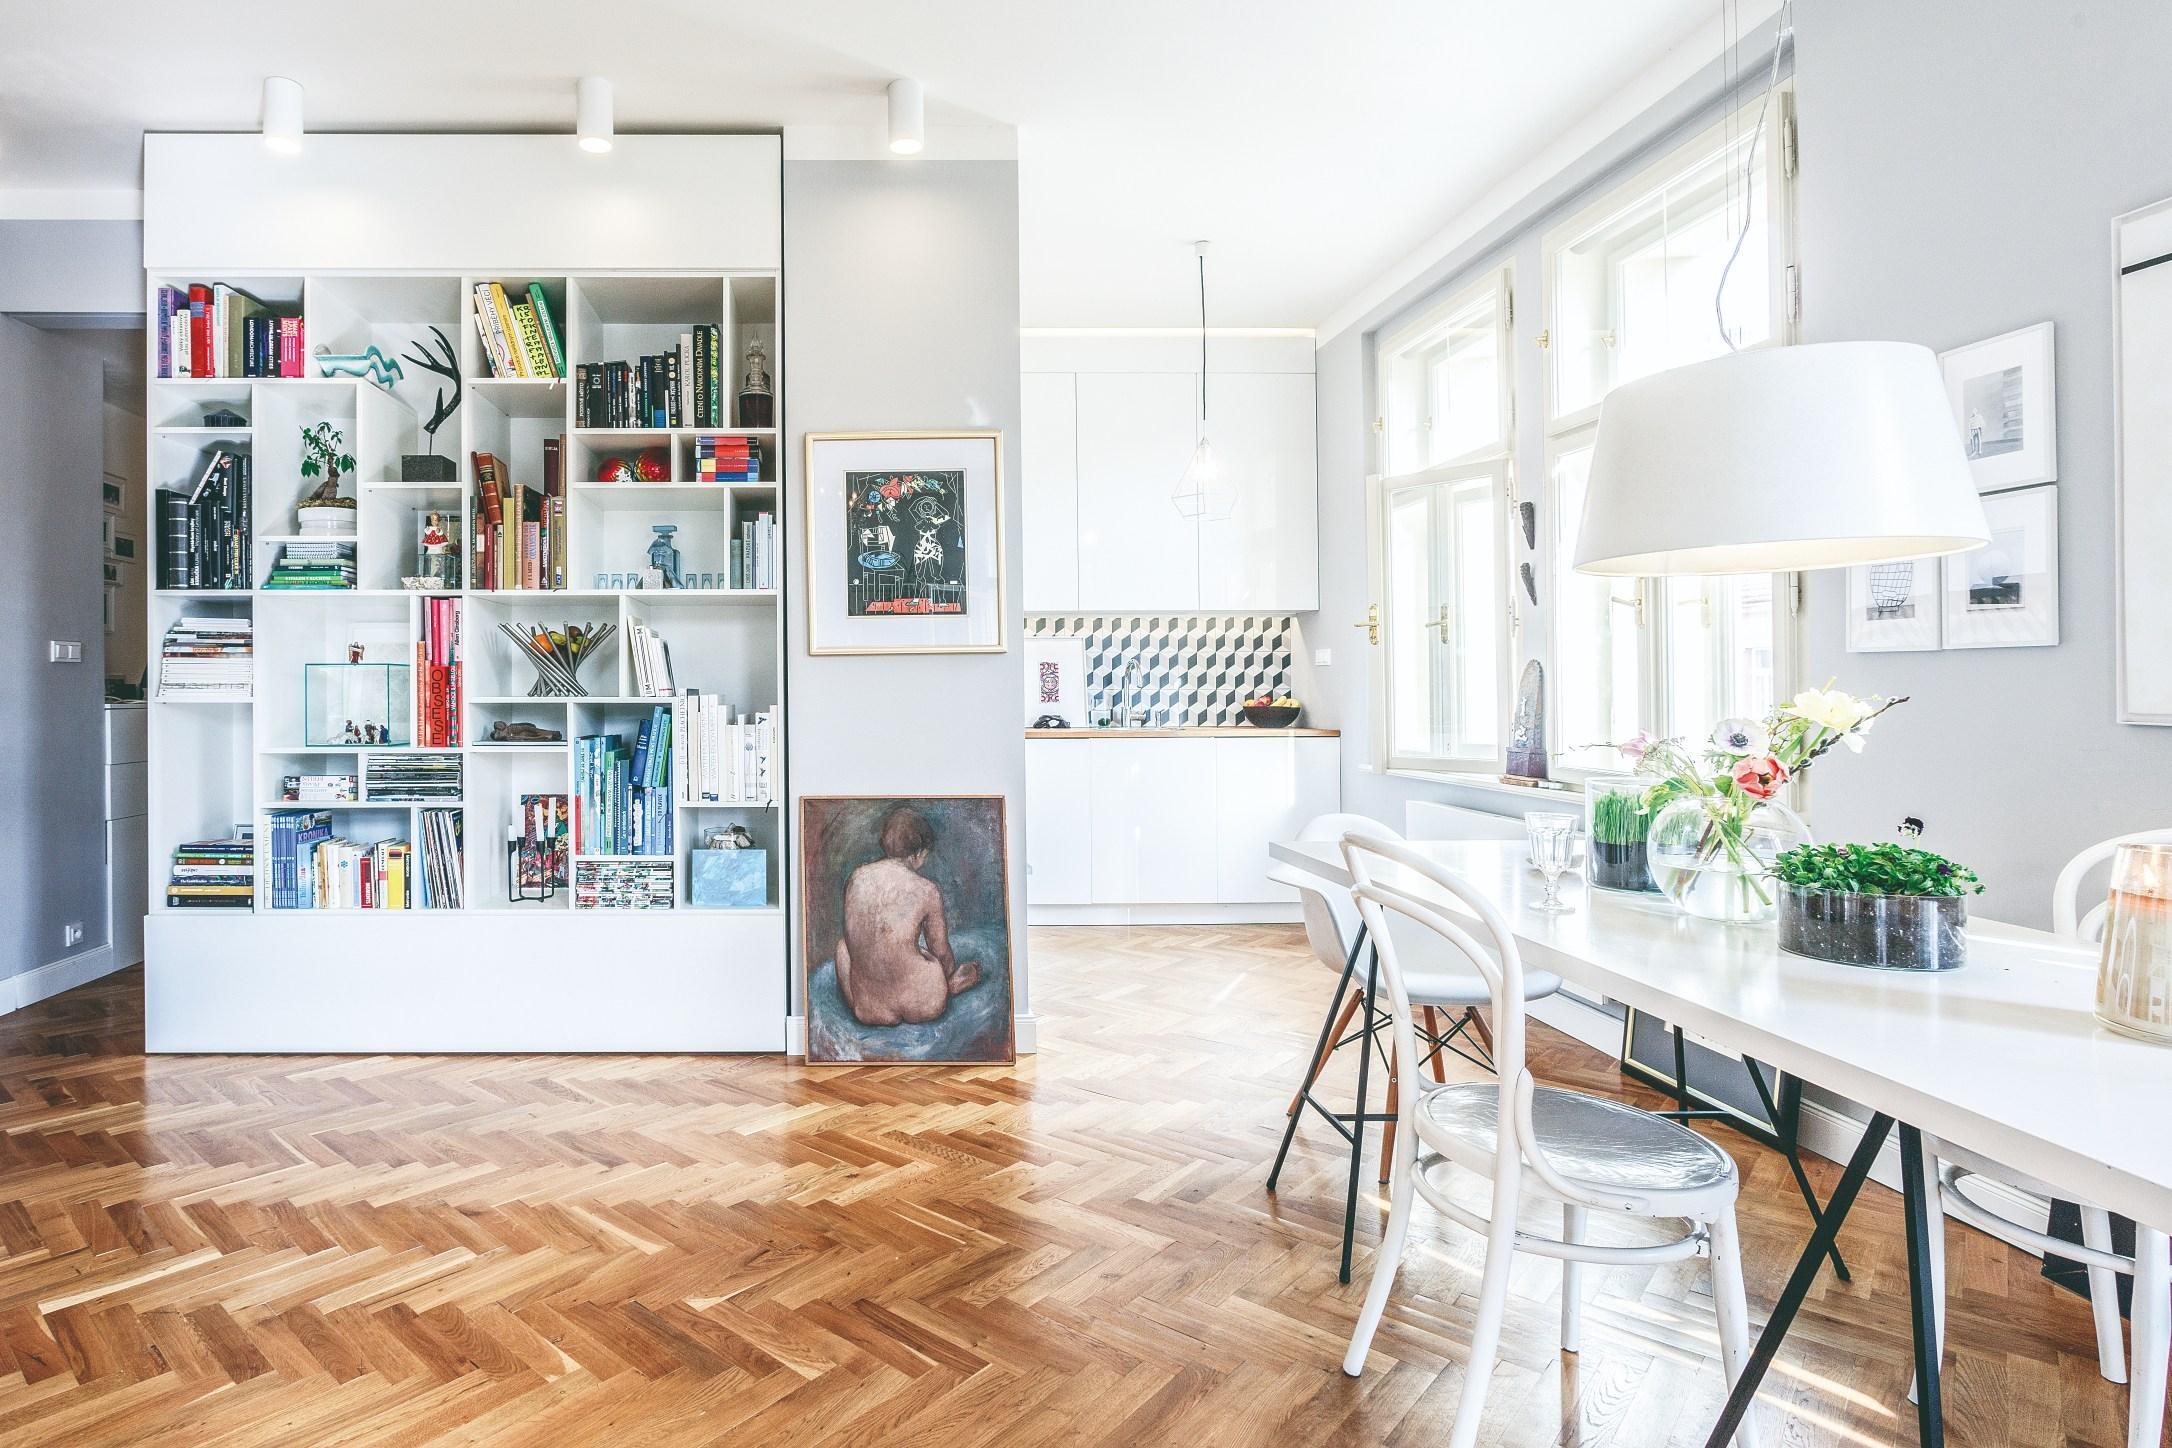 Dizajnová knihovna a jídelna